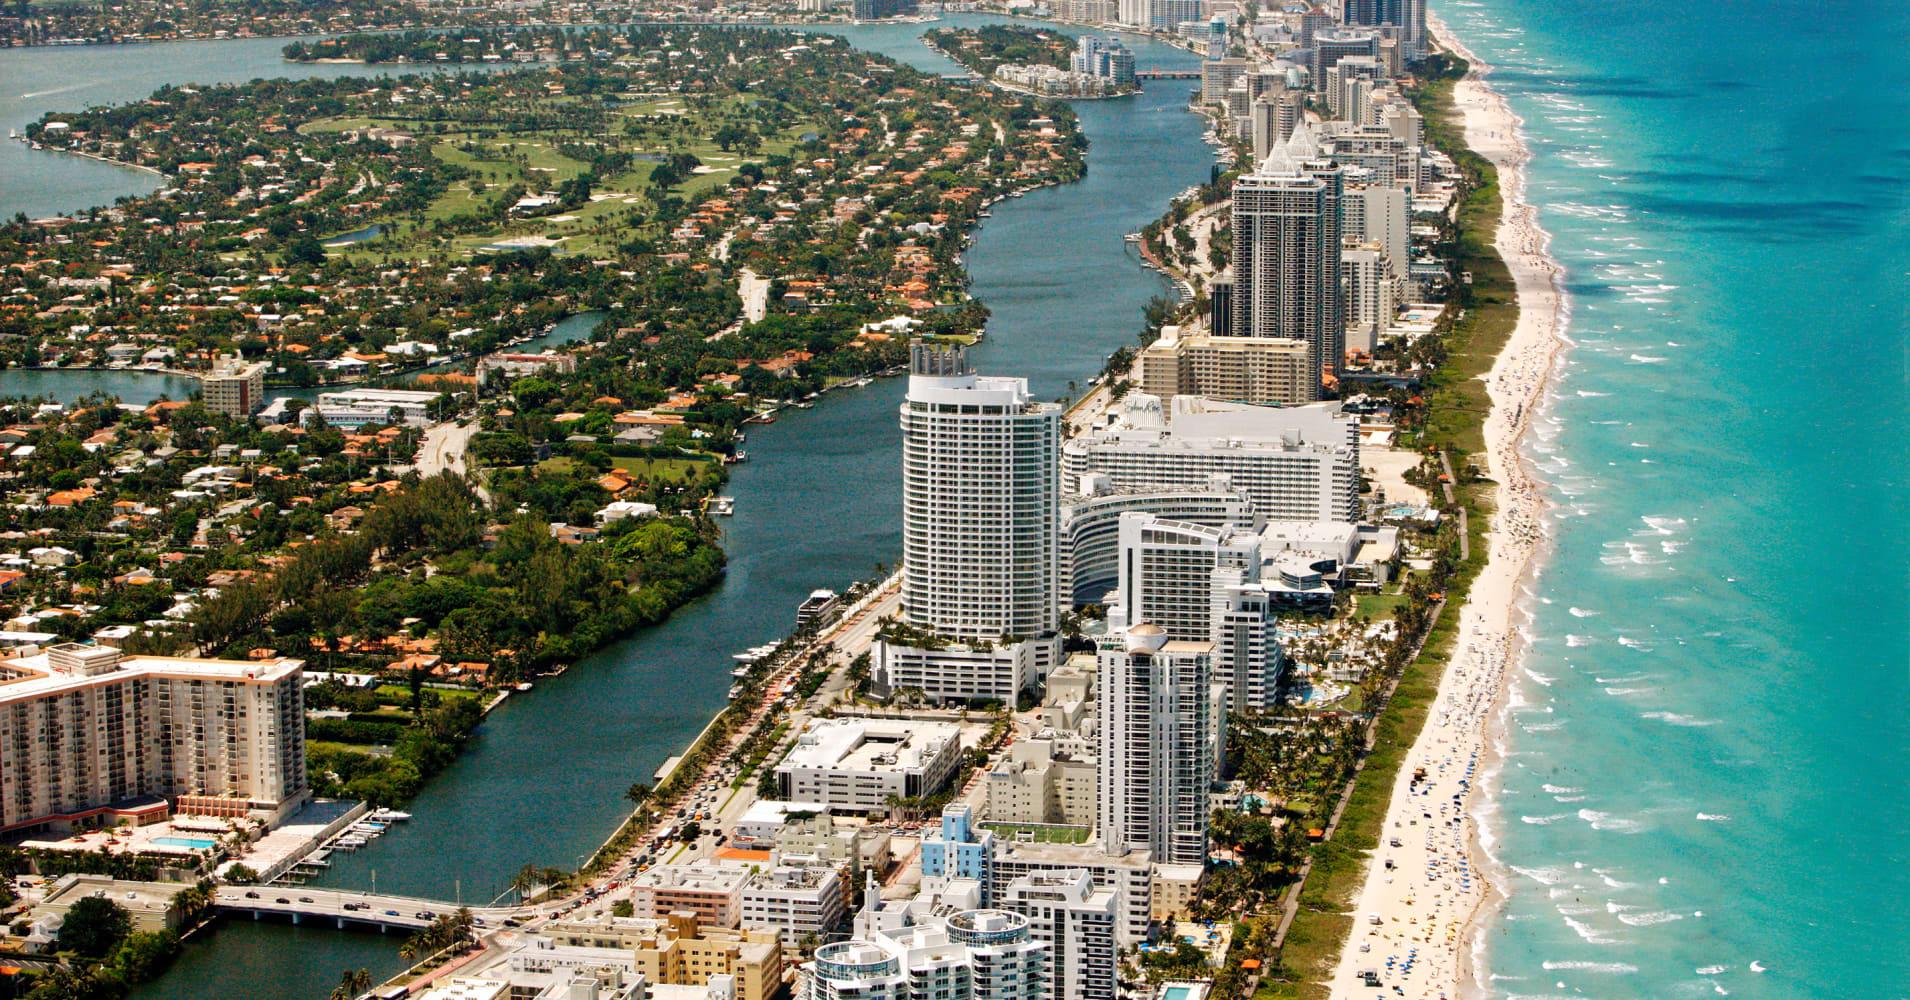 City Of North Miami Beach City Council